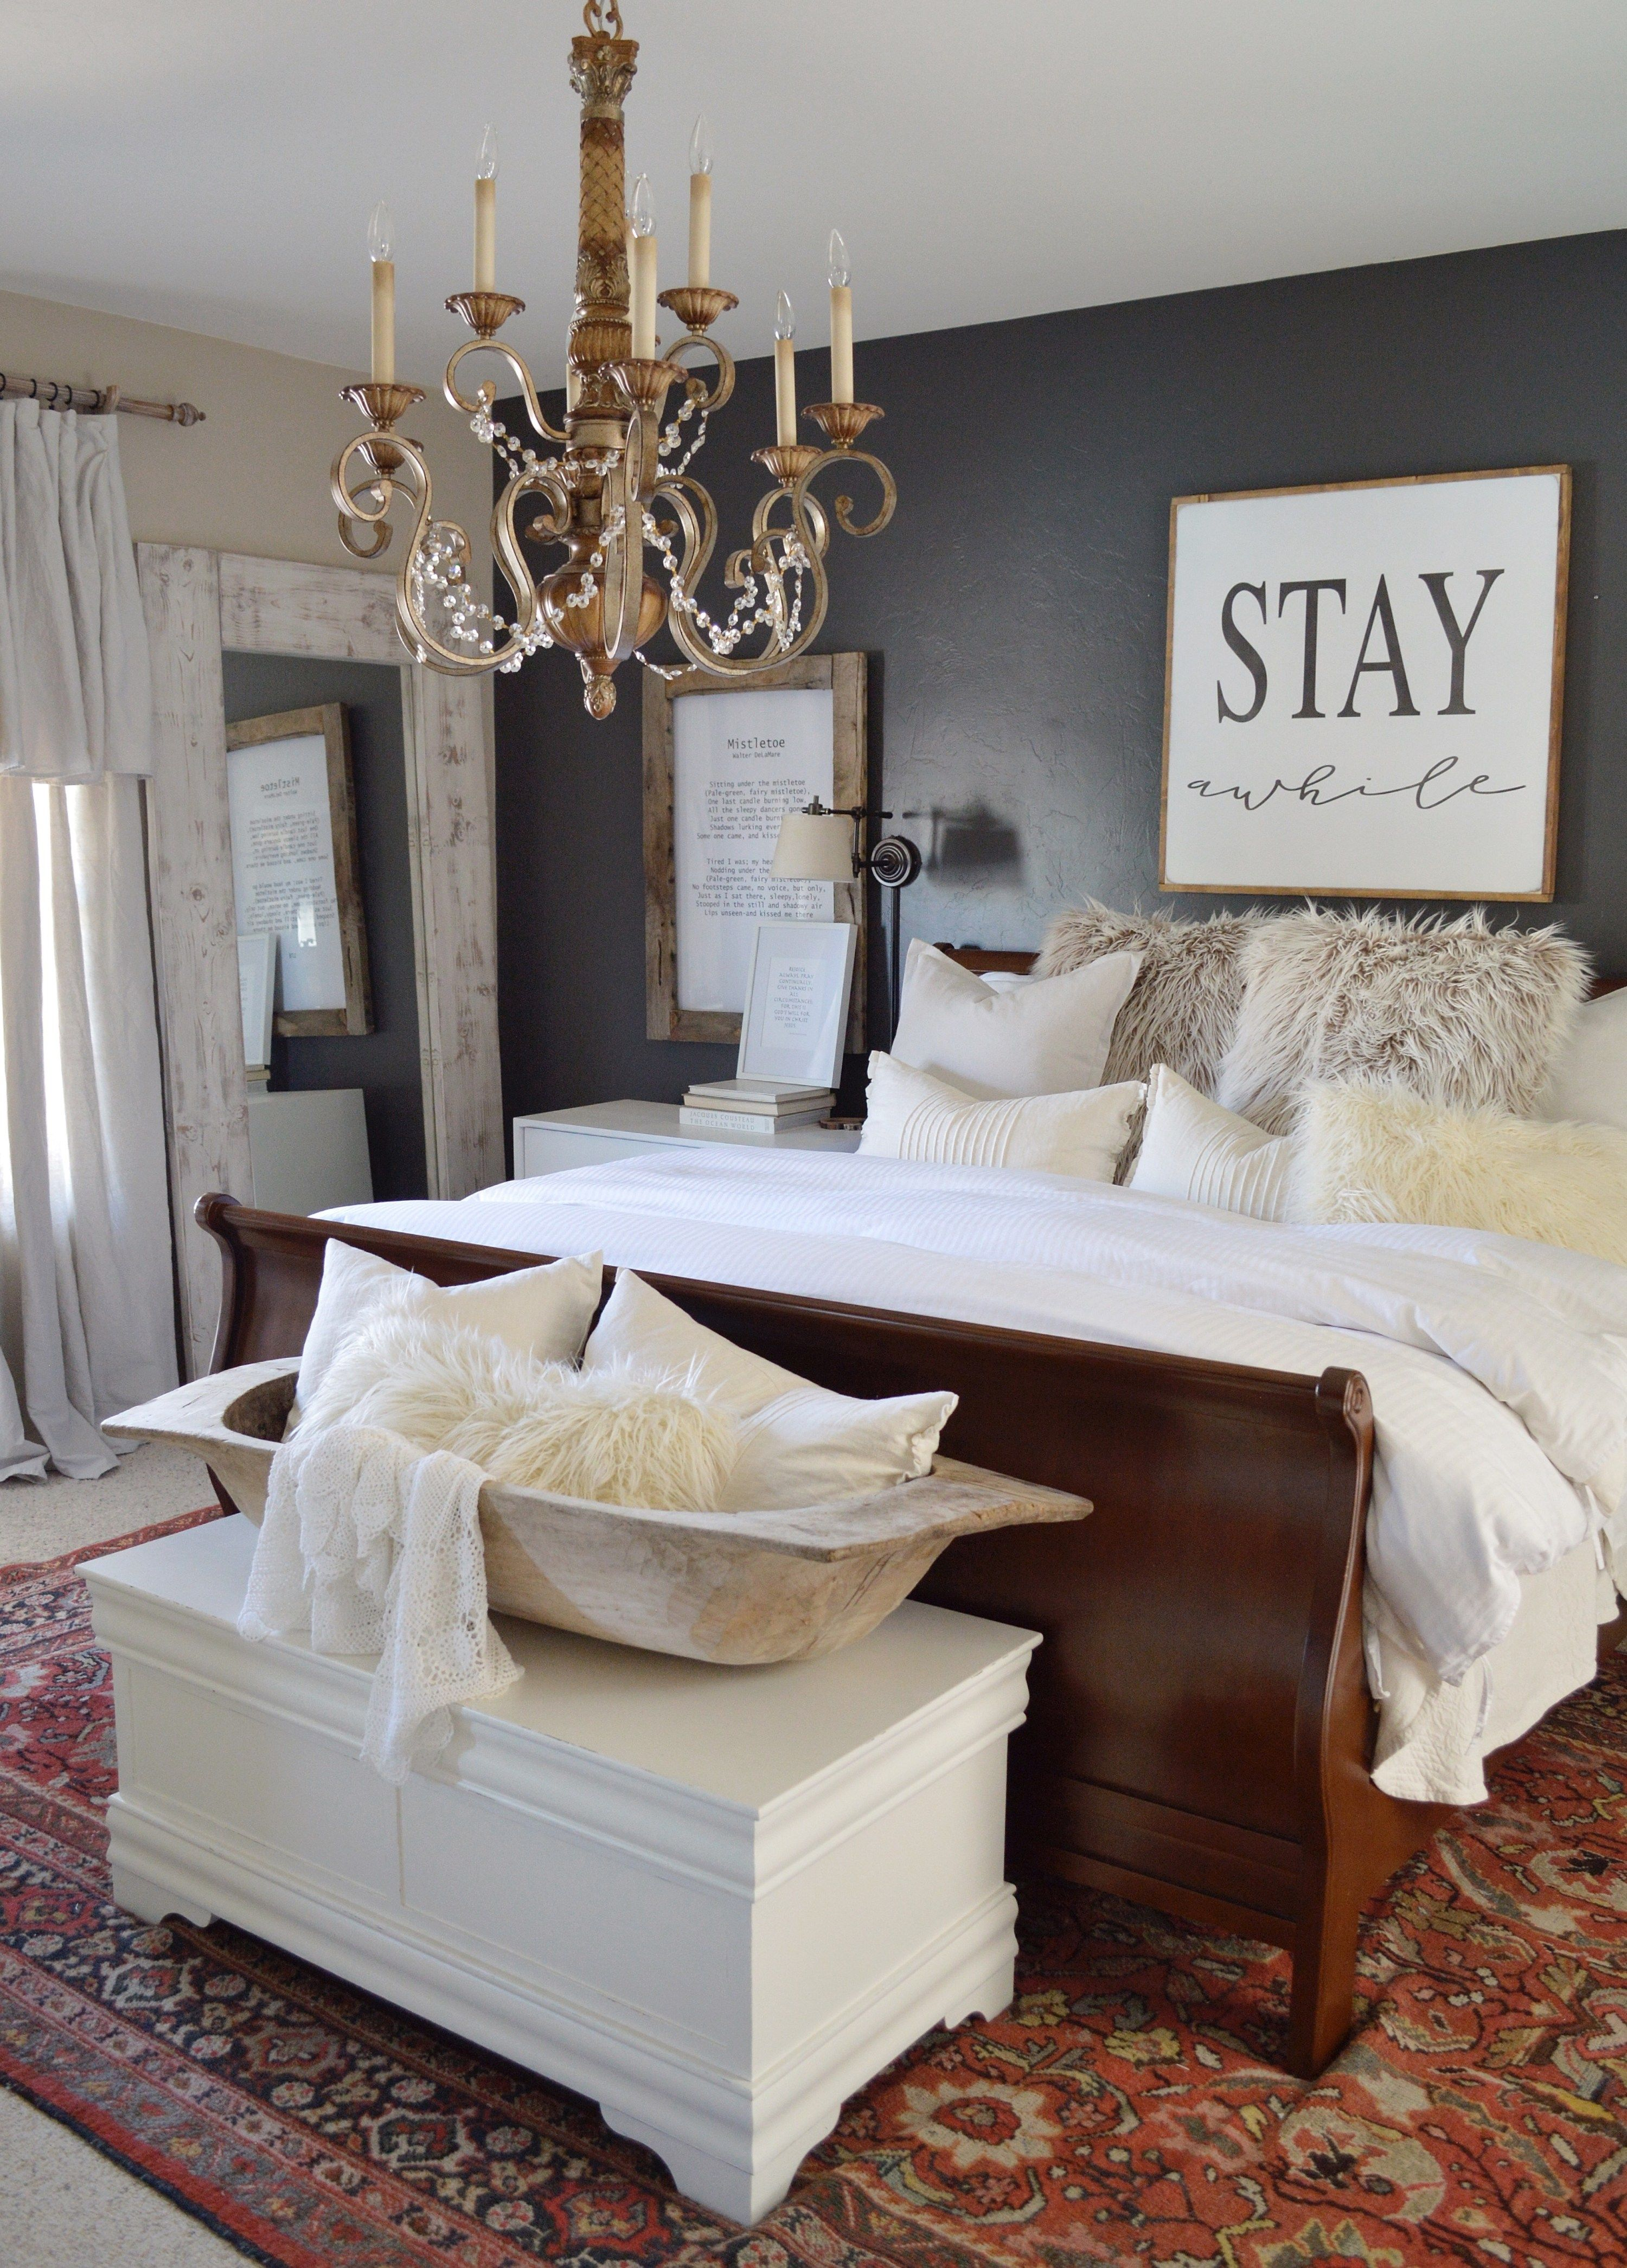 DIY Drop Cloth Curtains | Home decor bedroom, Modern ... on Farmhouse Bedroom Curtain Ideas  id=32869